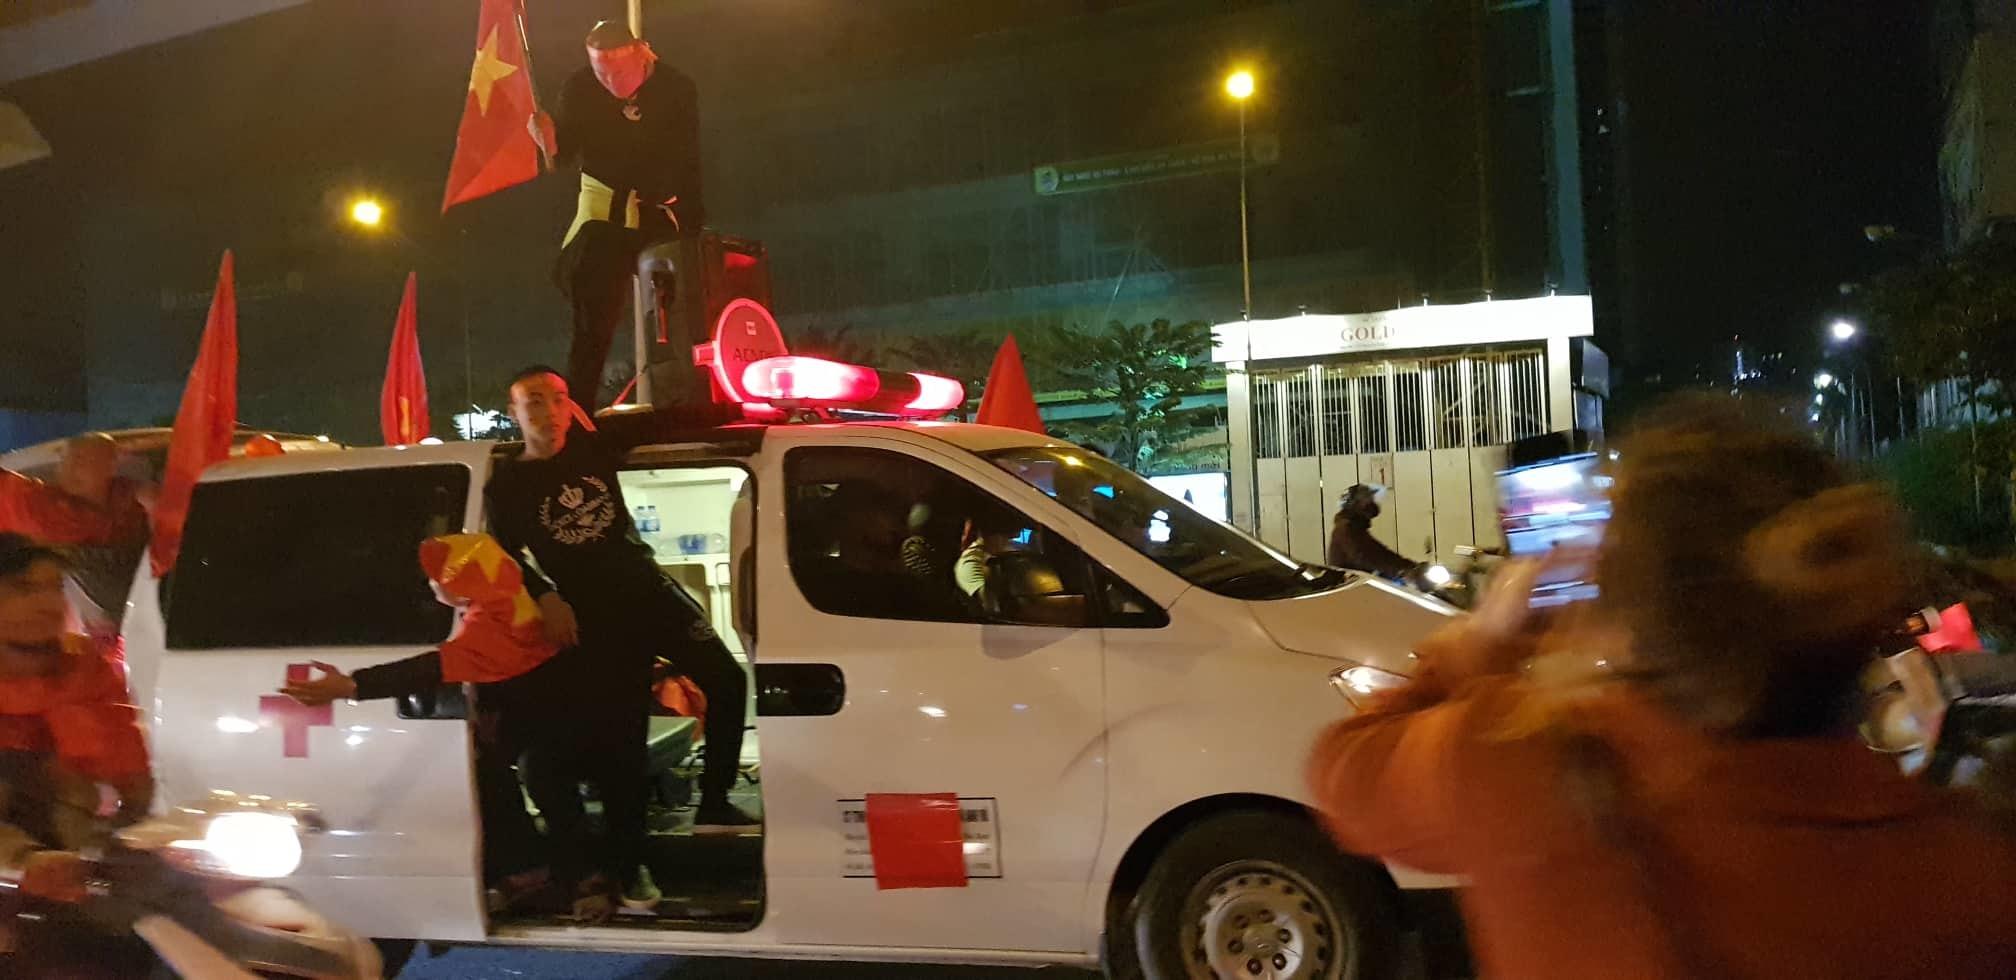 đội tuyển Việt Nam,chung kết AFF Cup,HLV Park Hang Seo,AFF Cup